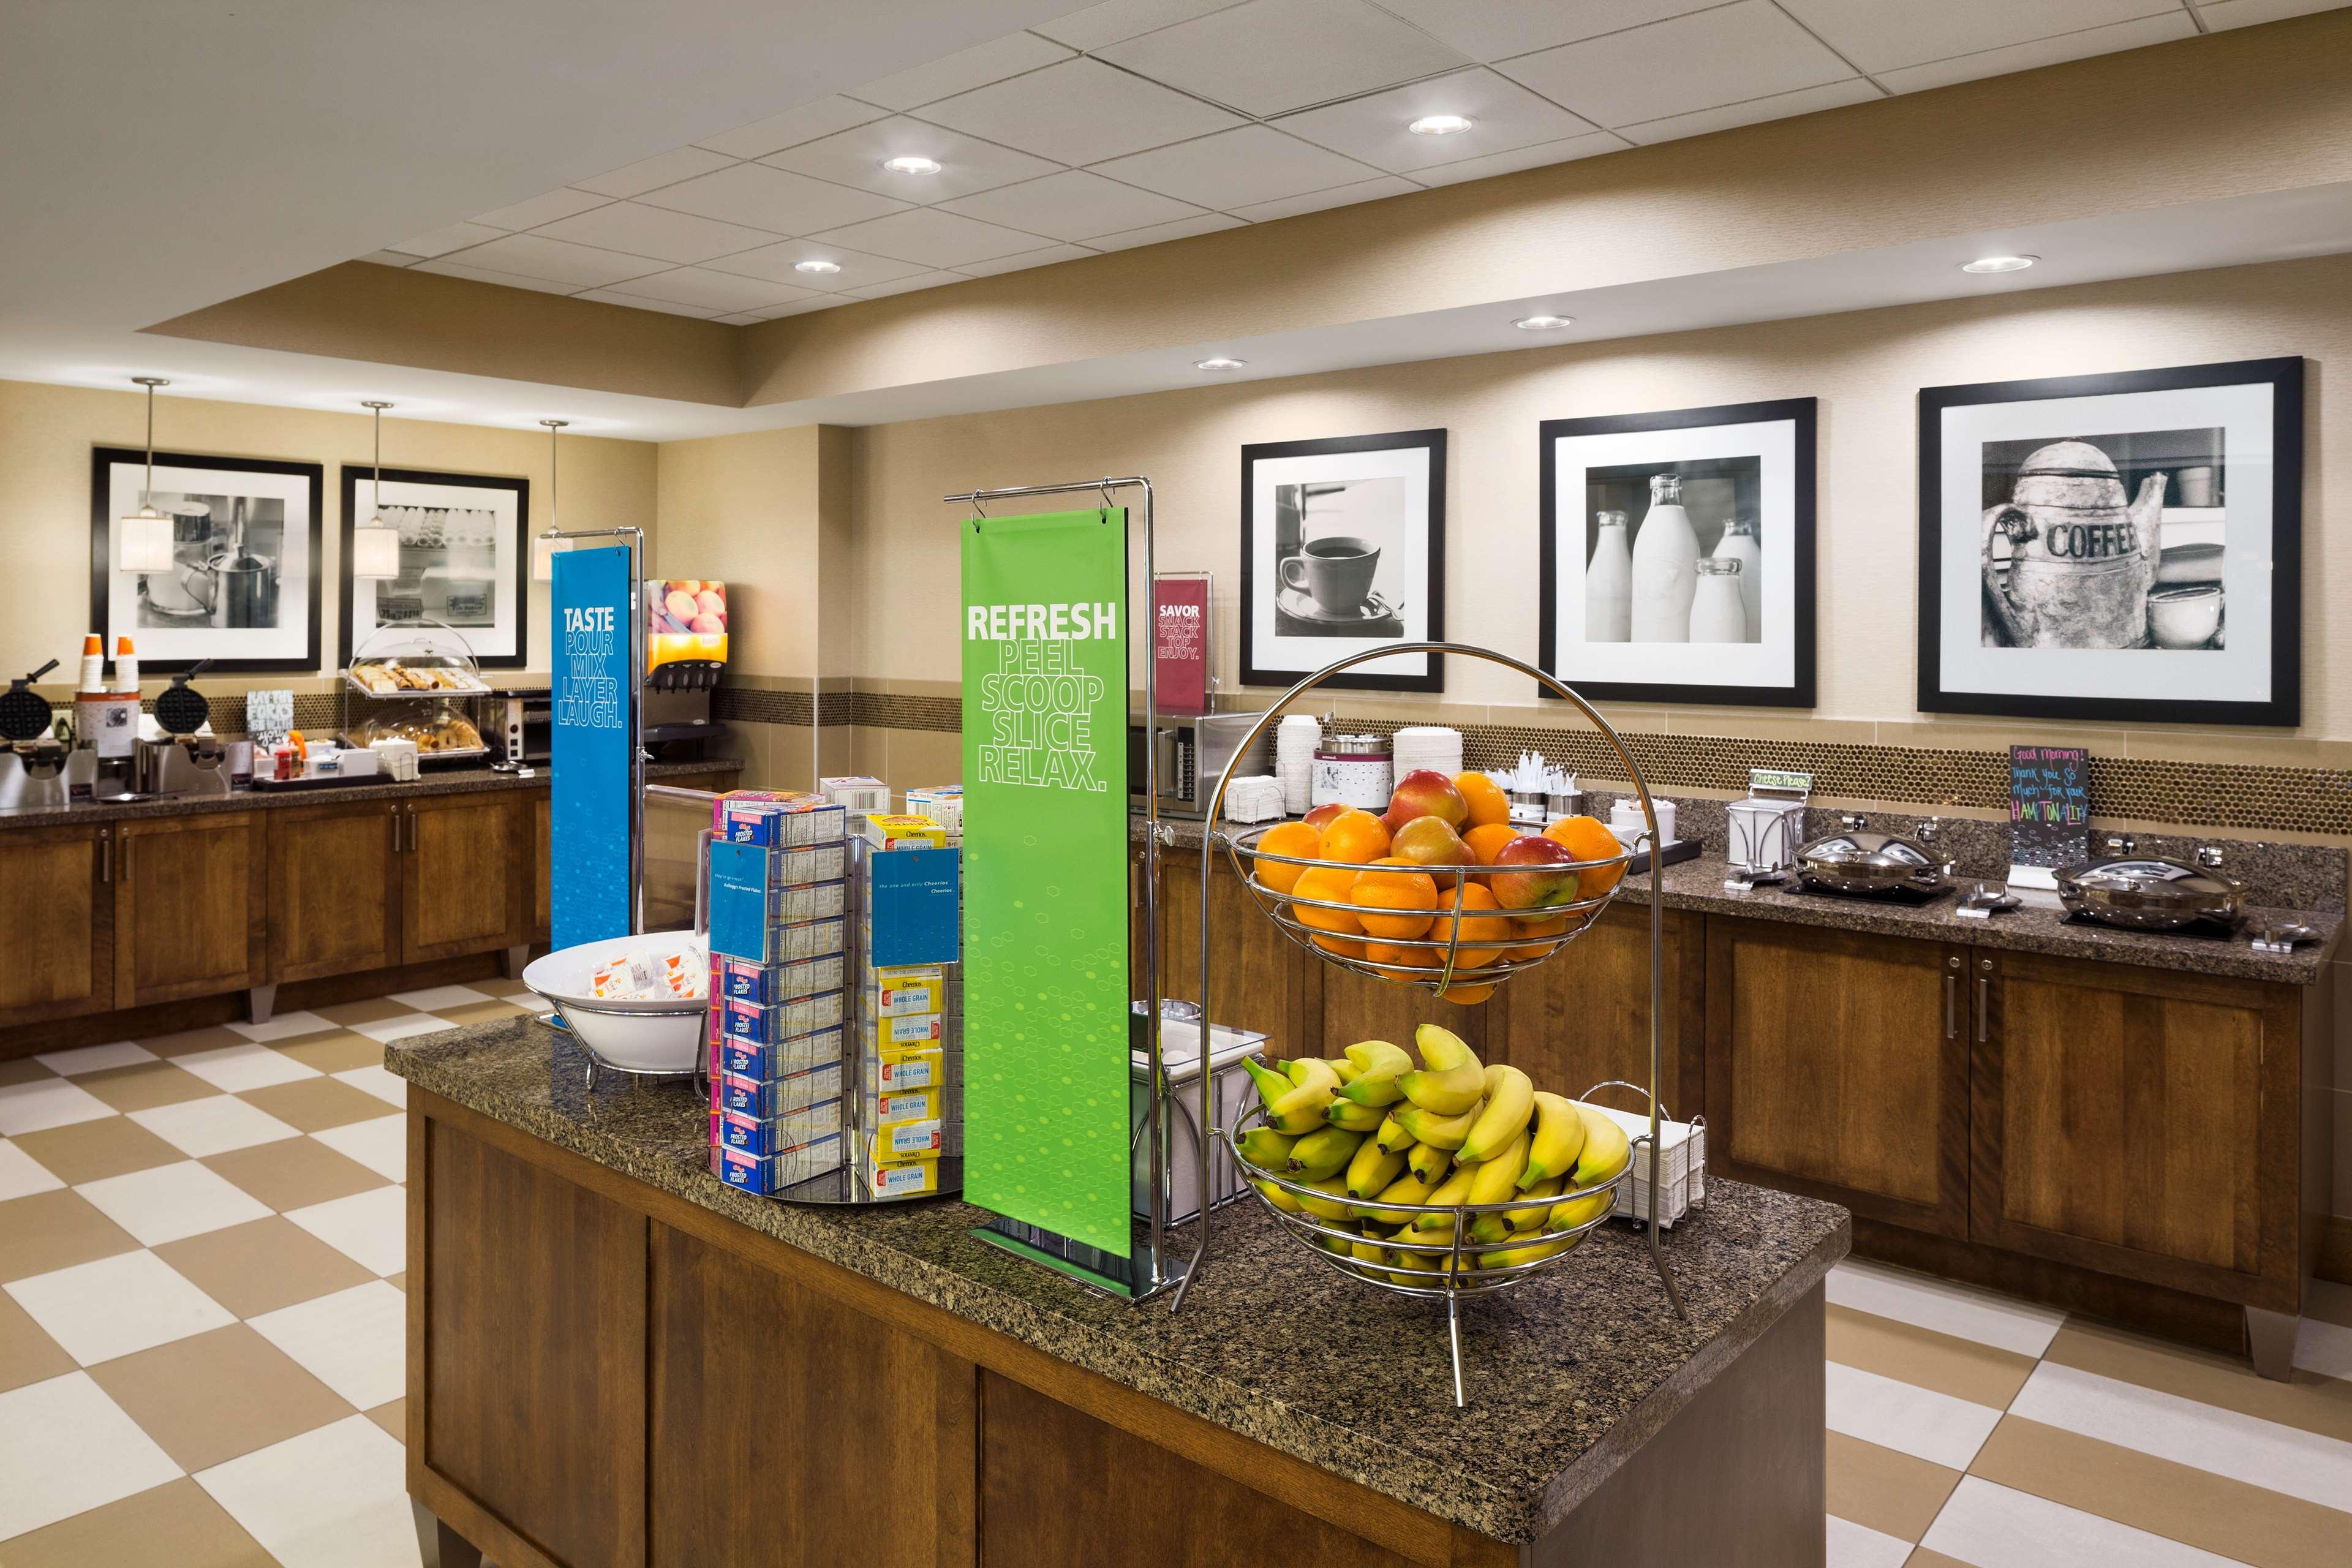 Hampton Inn and Suites Clayton/St Louis-Galleria Area image 8